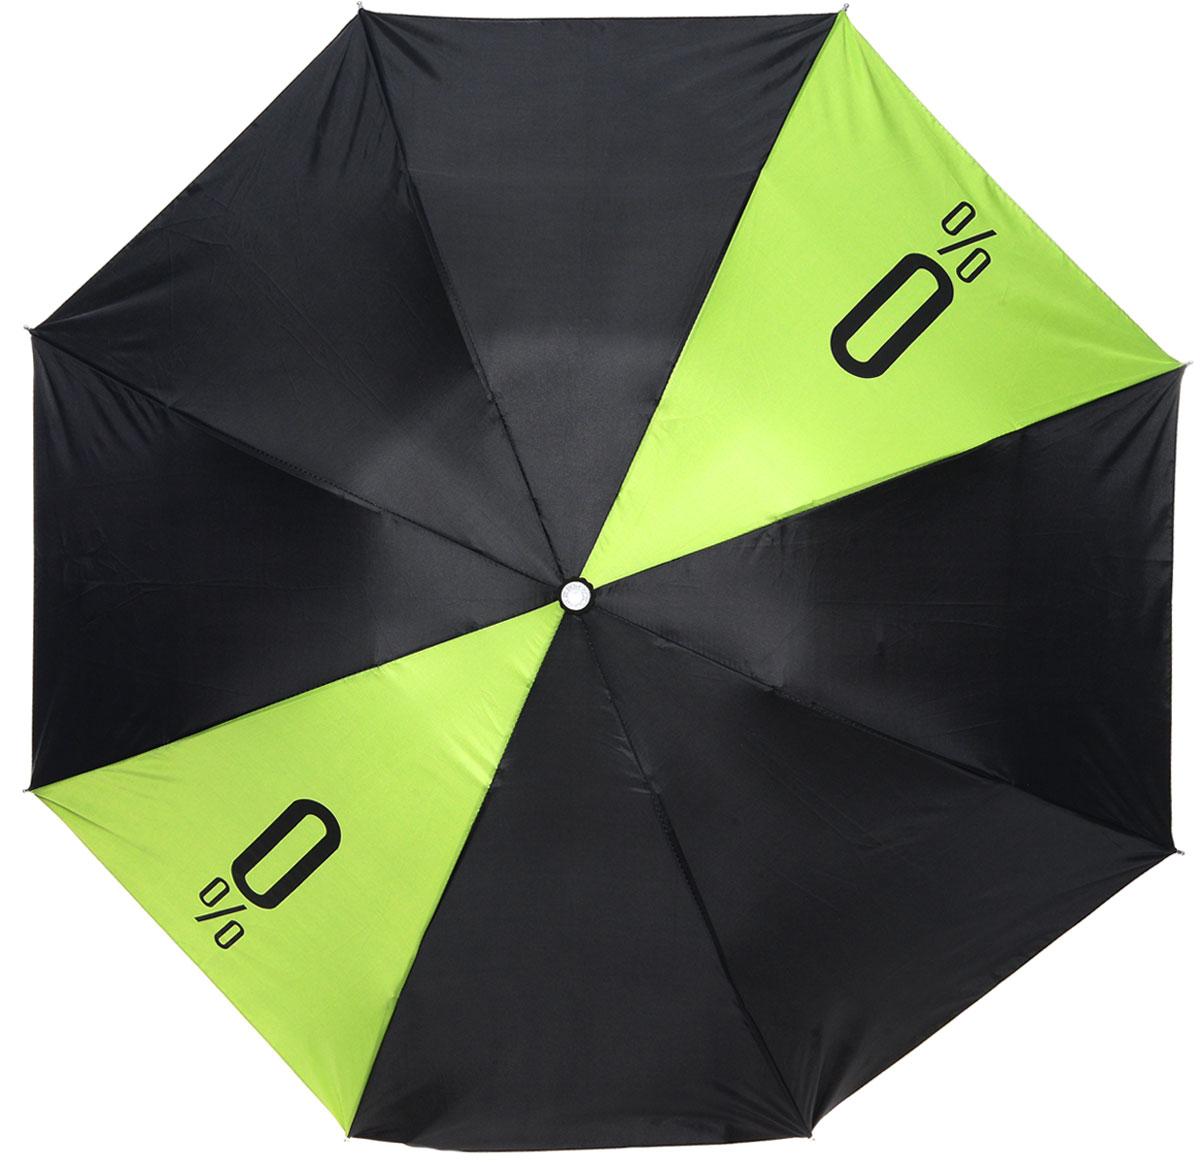 Зонт Эврика, механика, 2 сложения, цвет: зеленый, черный. 9012990129Оригинальный зонт Эврика надежно защитит вас от дождя. Купол, оформленный оригинальным принтом, выполнен из высококачественного ПВХ, который не пропускает воду. Каркас зонта, выполненный из прочного металла, состоит из восьми спиц. Зонт имеет механический тип сложения: открывается и закрывается вручную до характерного щелчка. Удобная ручка выполнена из пластика. Футляр из пластика выполнен в виде бутылки.